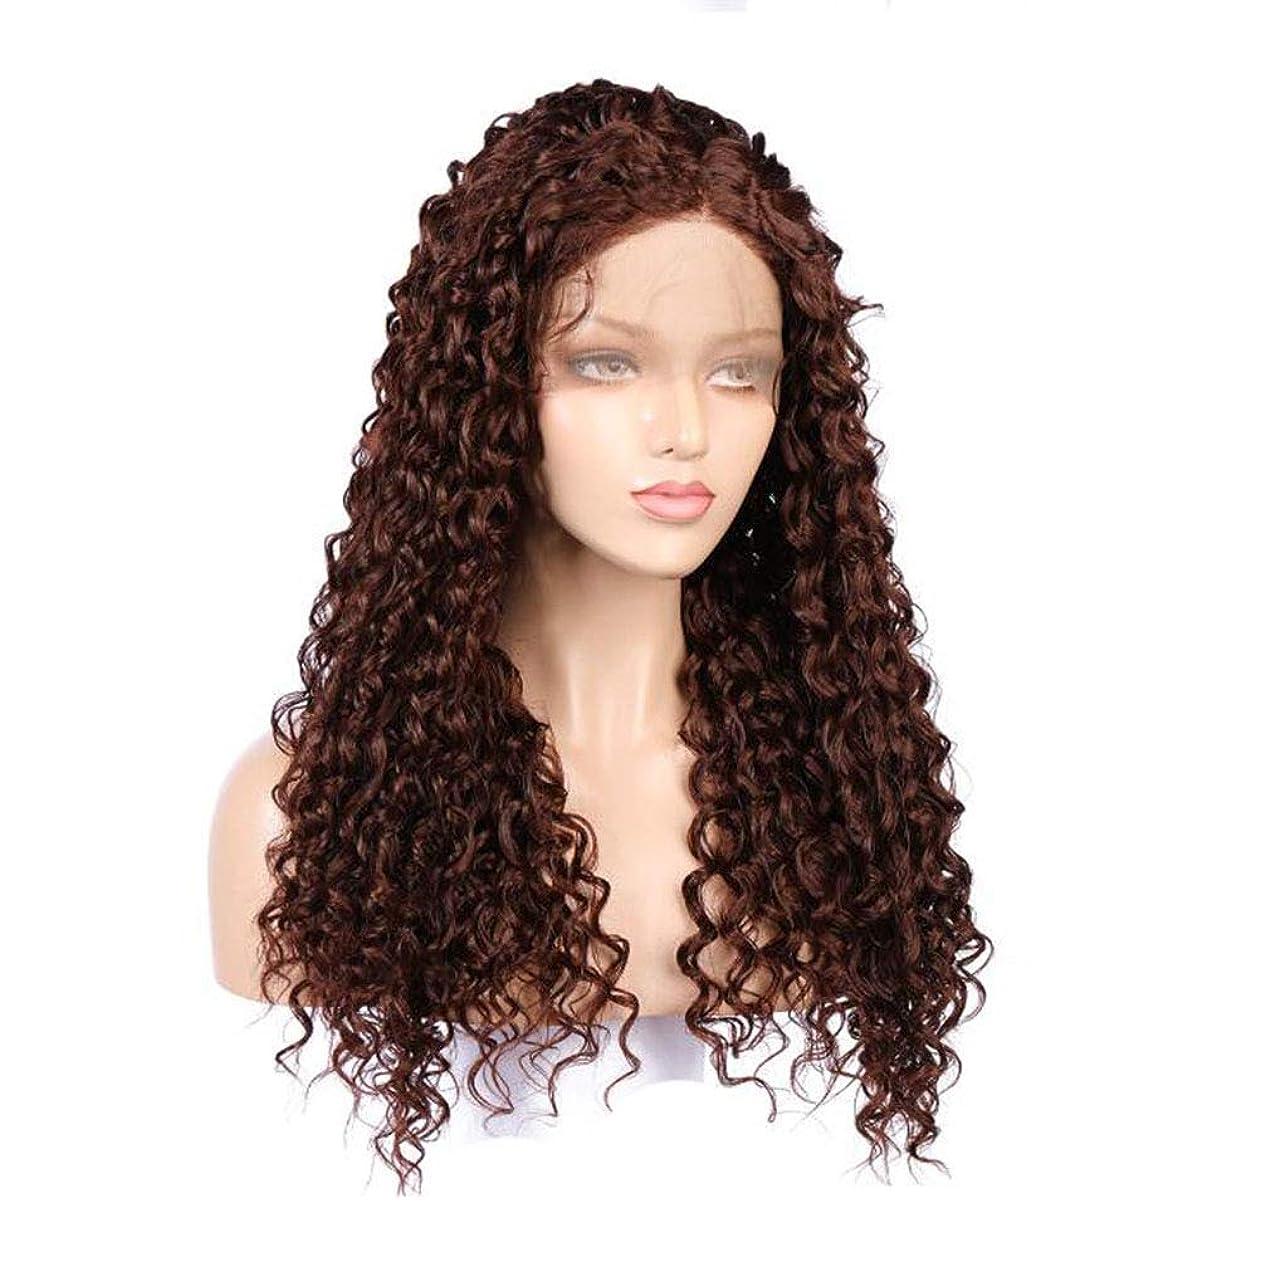 下る変色する怠惰女性のための耐熱高密度と茶色のかつら長い波状のレースフロント合成繊維コスプレかつら王女自然な髪型